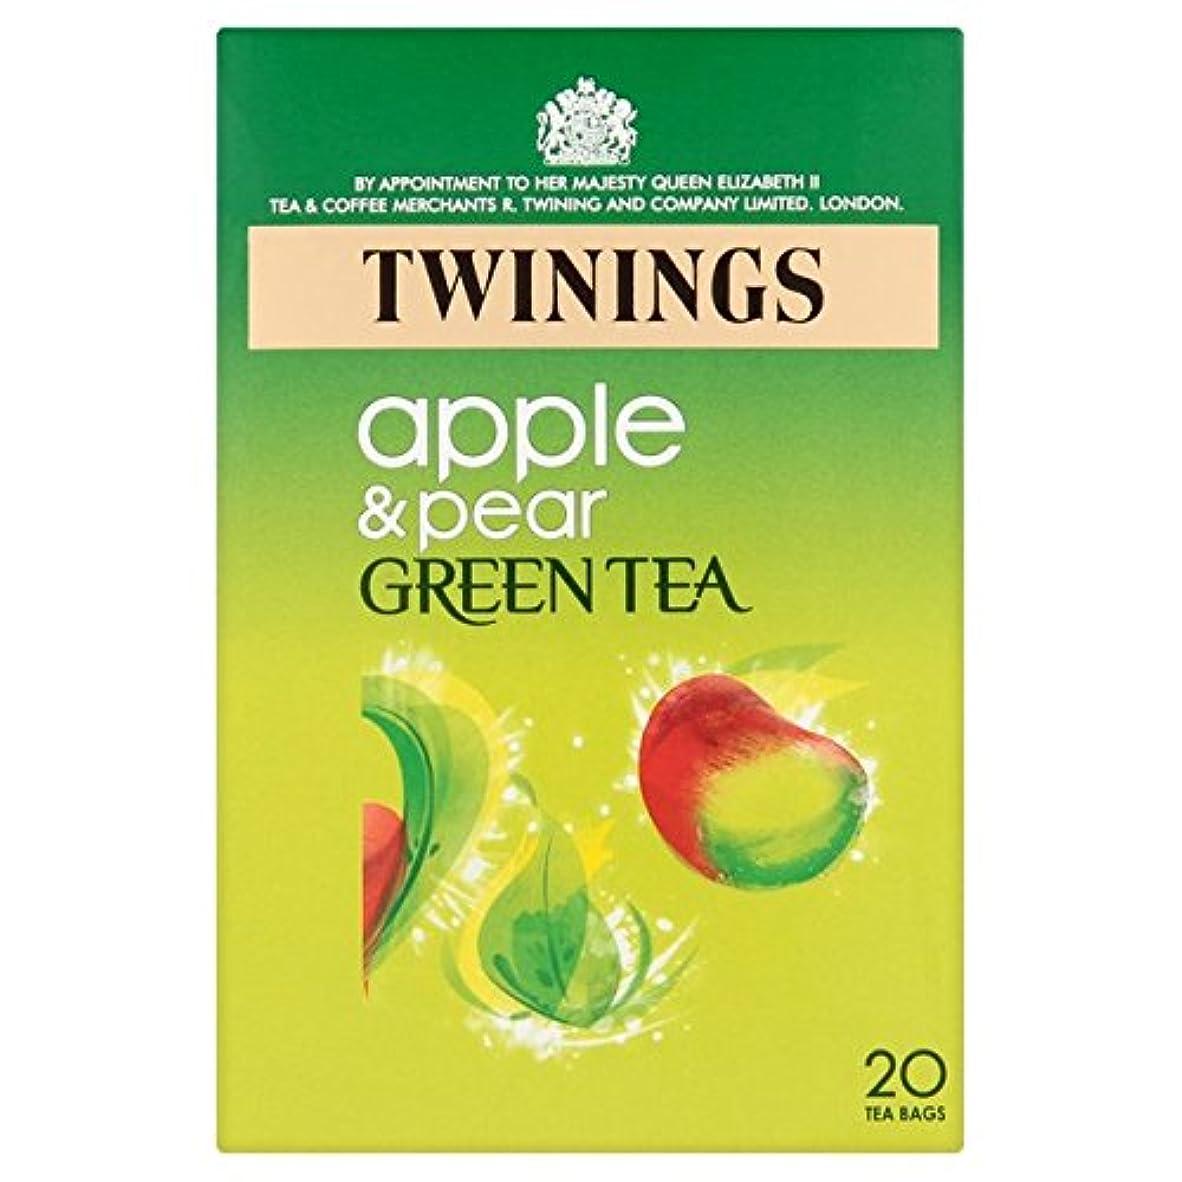 混乱フルーツ誰でも1パックトワイニングリンゴ&梨緑茶20 (x 2) - Twinings Apple & Pear Green Tea 20 per pack (Pack of 2) [並行輸入品]